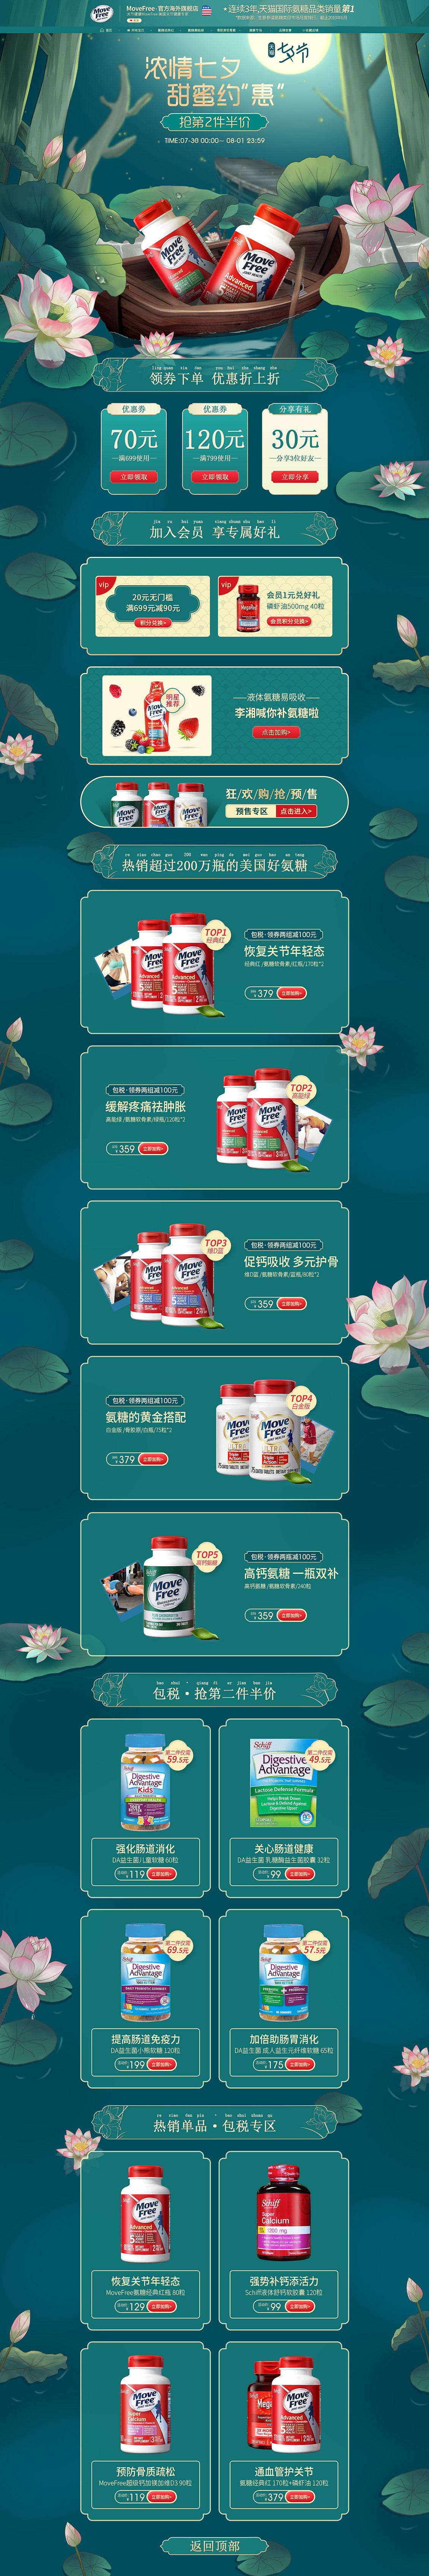 MoveFree 营养保健食品 滋补膳食 医药 七夕节 天猫首页运动专题页面设计